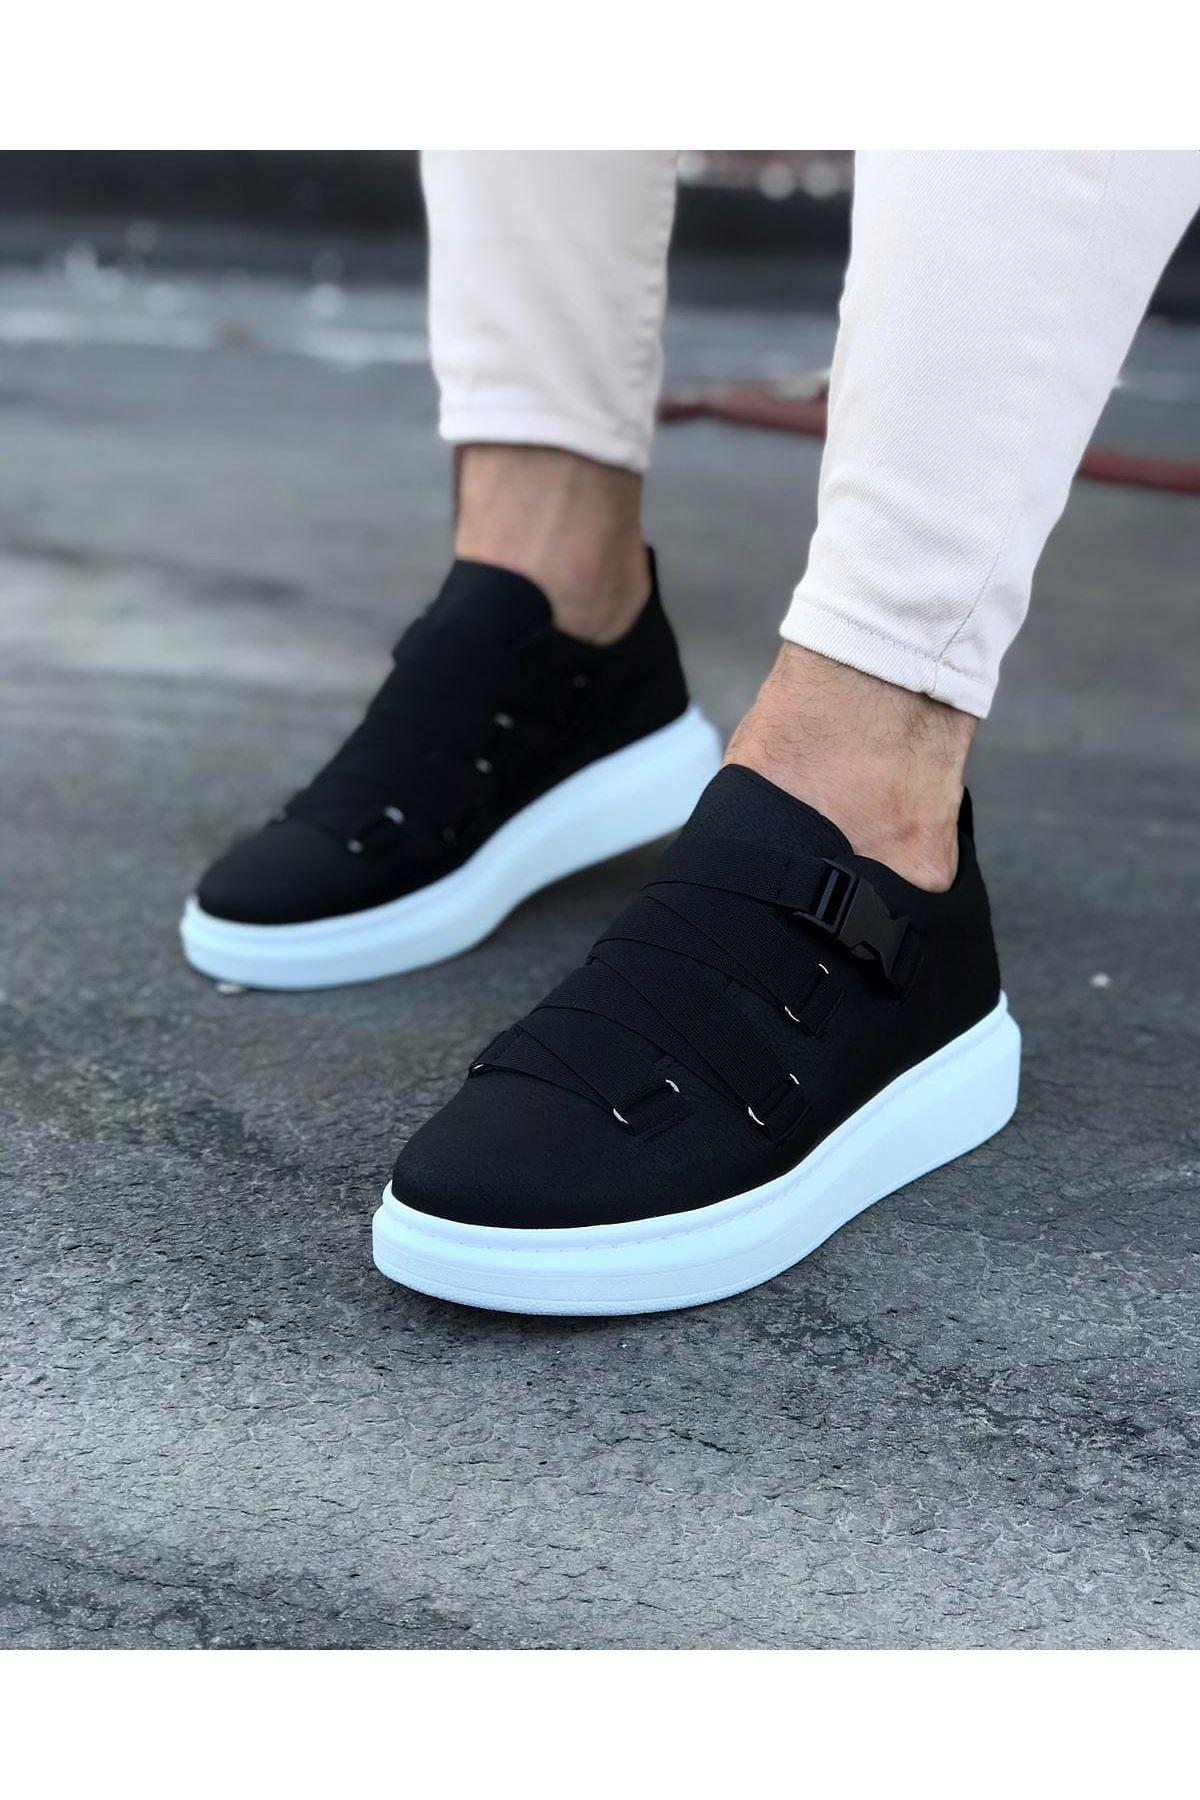 Wagoon WG033 Siyah Erkek Yüksek Taban  Ayakkabı